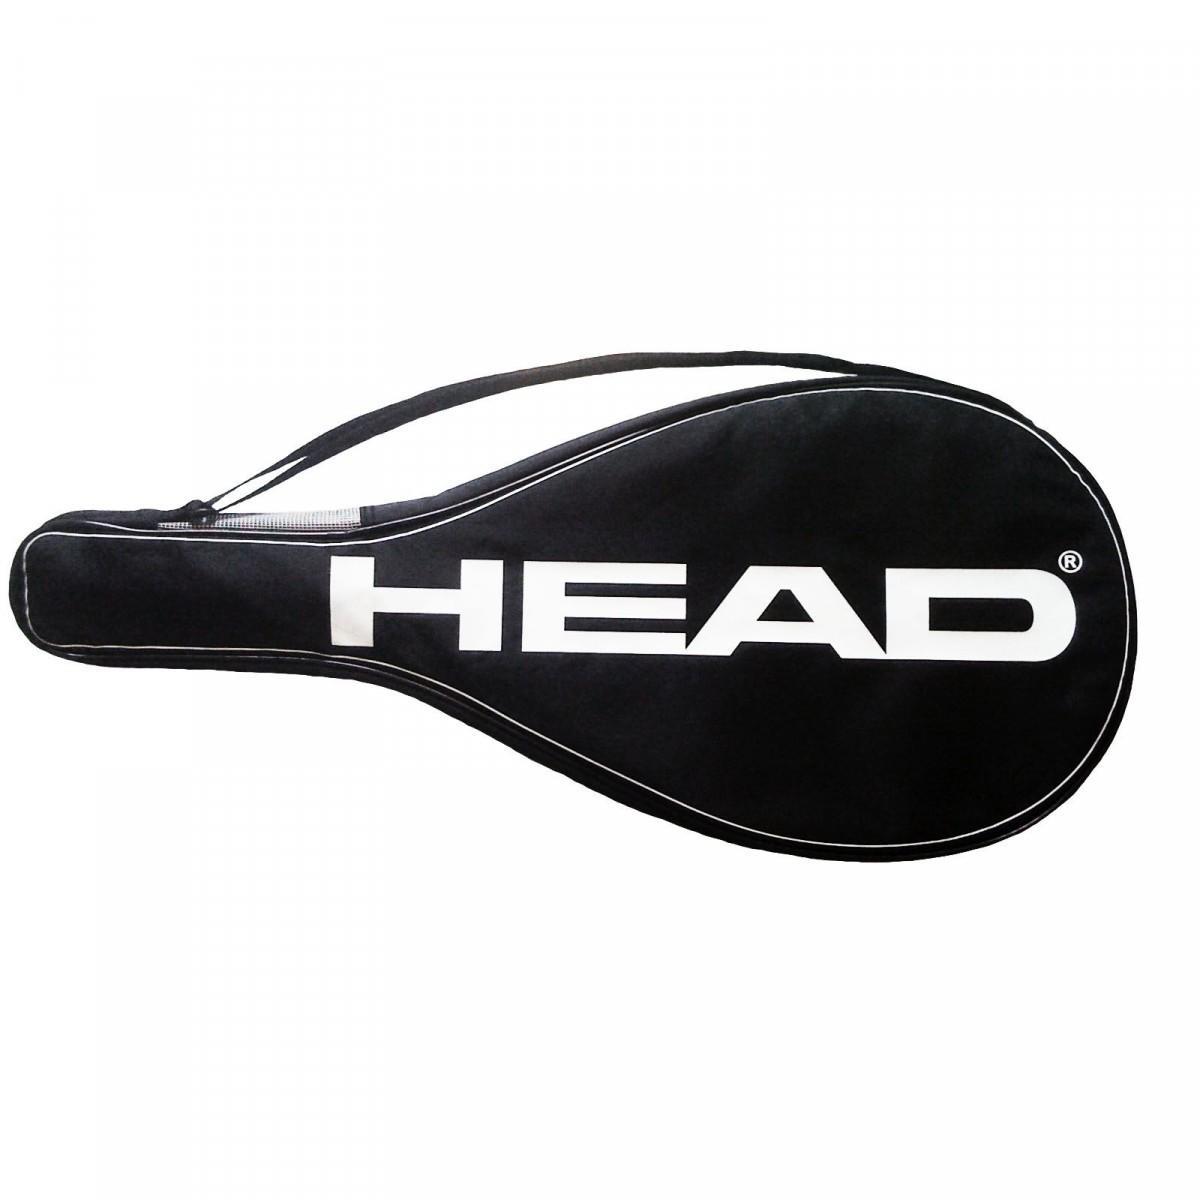 Чехол для ракетки Head black/white